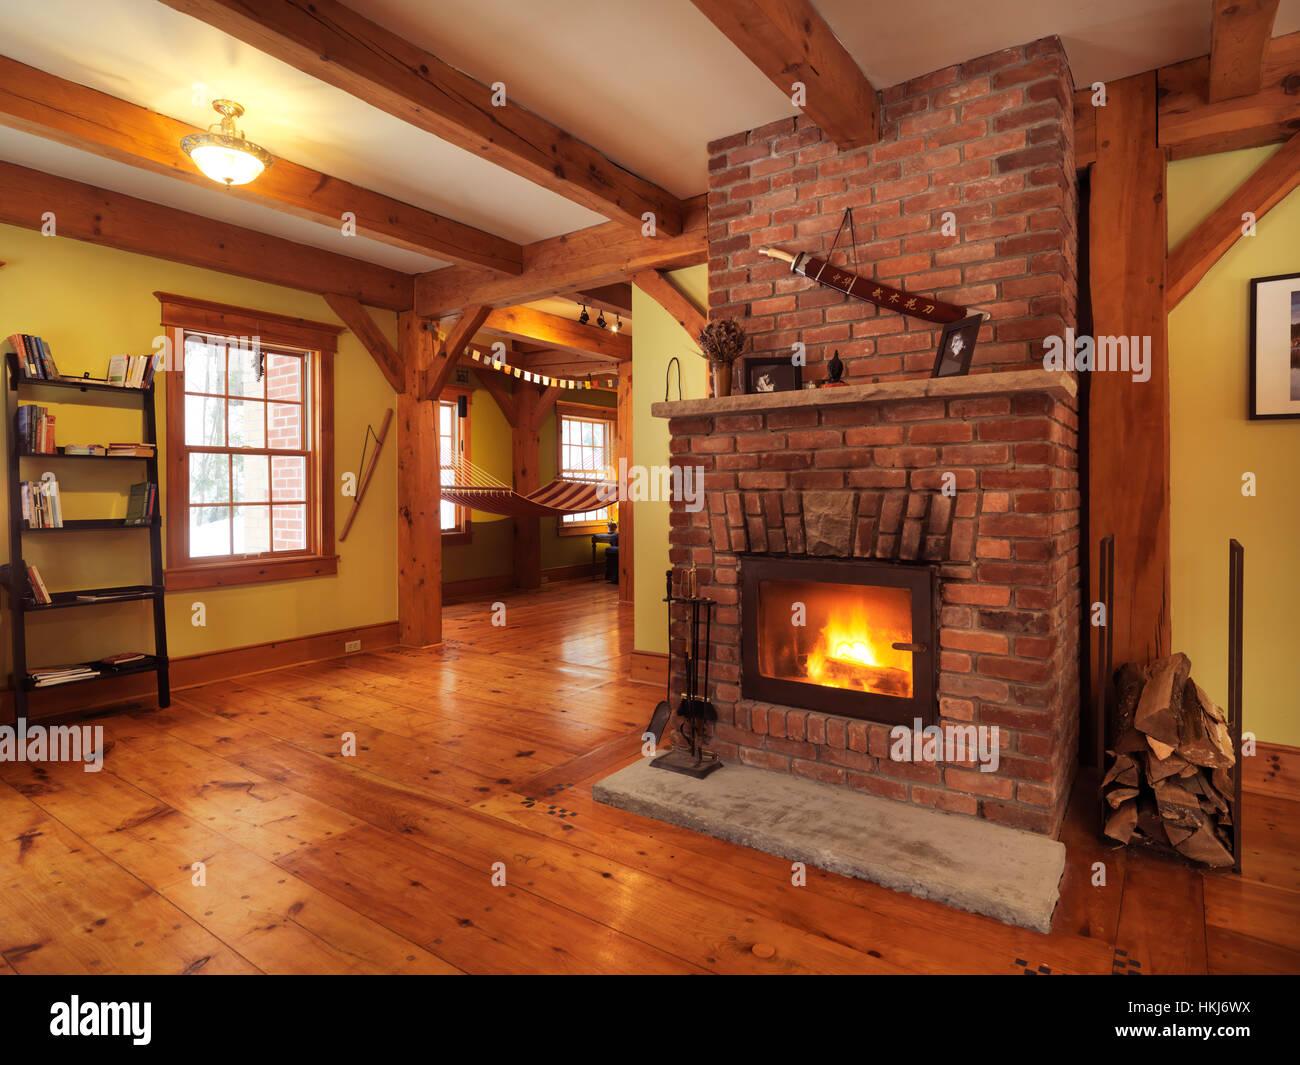 Chemin e bois dans une maison canadienne timberframe int rieur de salon muskoka ontario - Maisons canadiennes ...